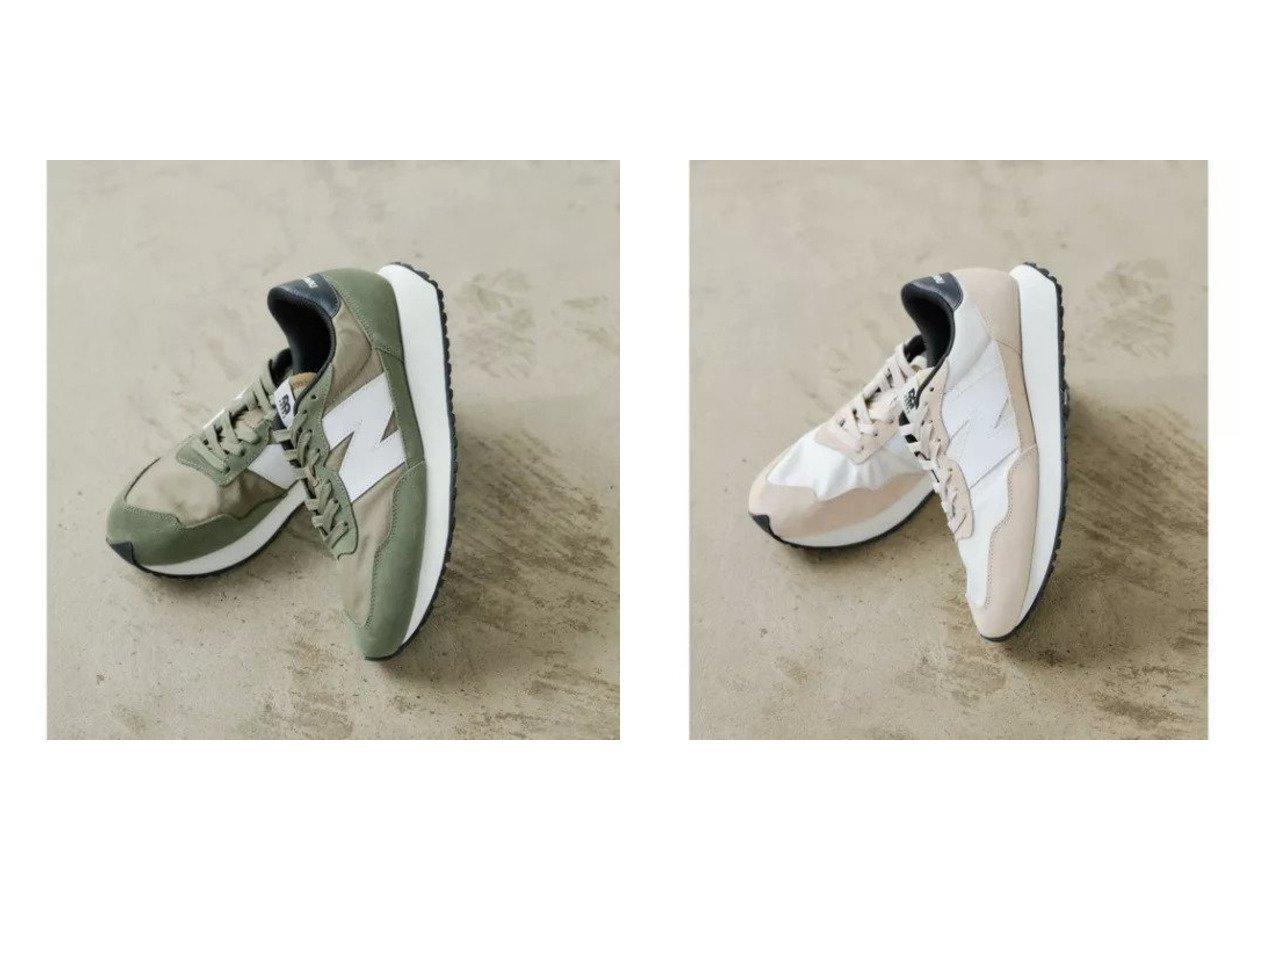 【green label relaxing / UNITED ARROWS/グリーンレーベル リラクシング / ユナイテッドアローズ】の【WEB限定】MS237 スニーカー 【シューズ・靴】おすすめ!人気、トレンド・レディースファッションの通販 おすすめで人気の流行・トレンド、ファッションの通販商品 インテリア・家具・メンズファッション・キッズファッション・レディースファッション・服の通販 founy(ファニー) https://founy.com/ ファッション Fashion レディースファッション WOMEN A/W・秋冬 AW・Autumn/Winter・FW・Fall-Winter シューズ スエード スニーカー スリム ビッグ フィット ランニング |ID:crp329100000072578